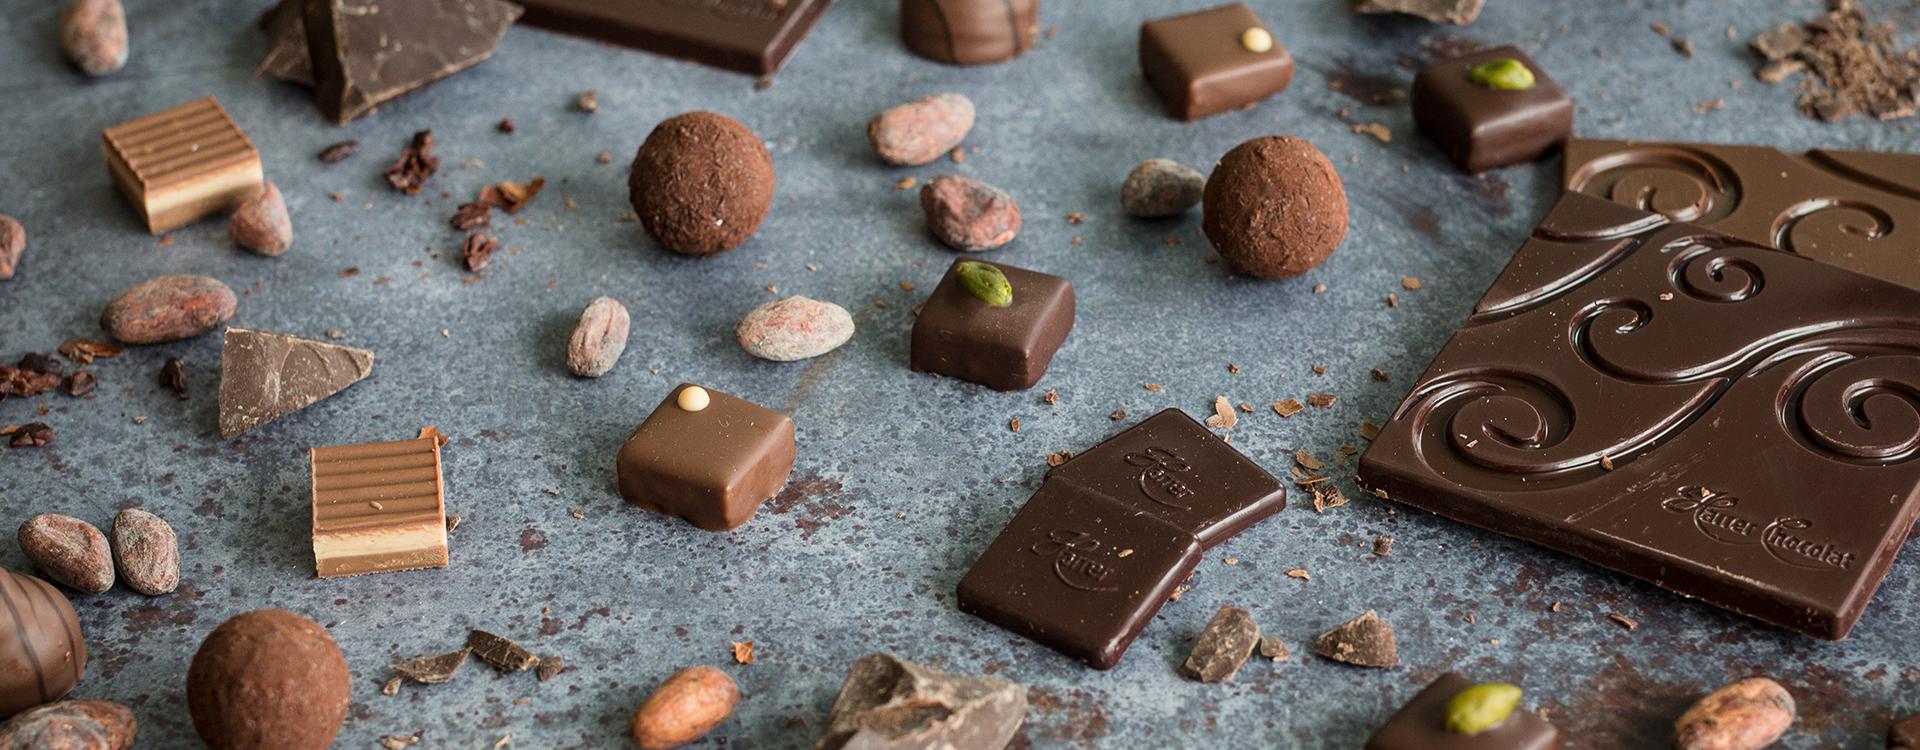 Csokoládé kóstoló a hét minden napján!